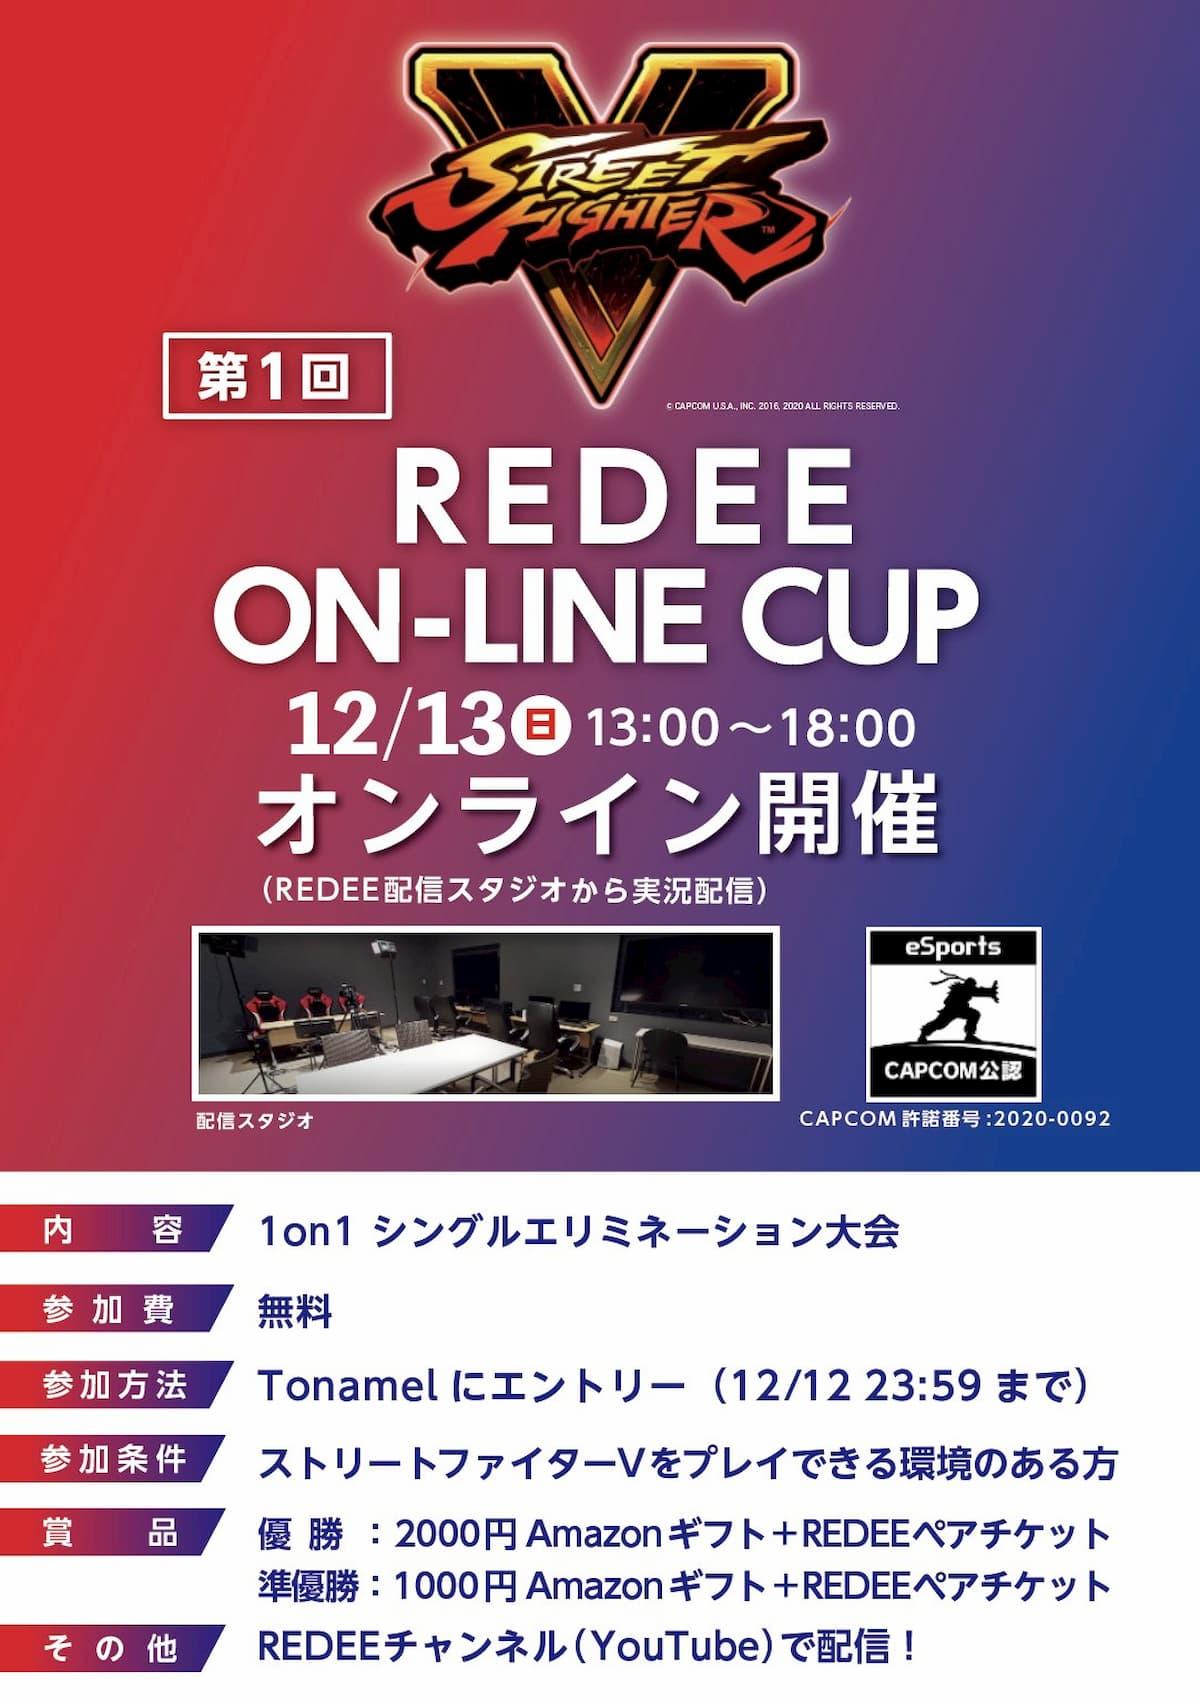 第1回 REDEE ON-LINE CUP